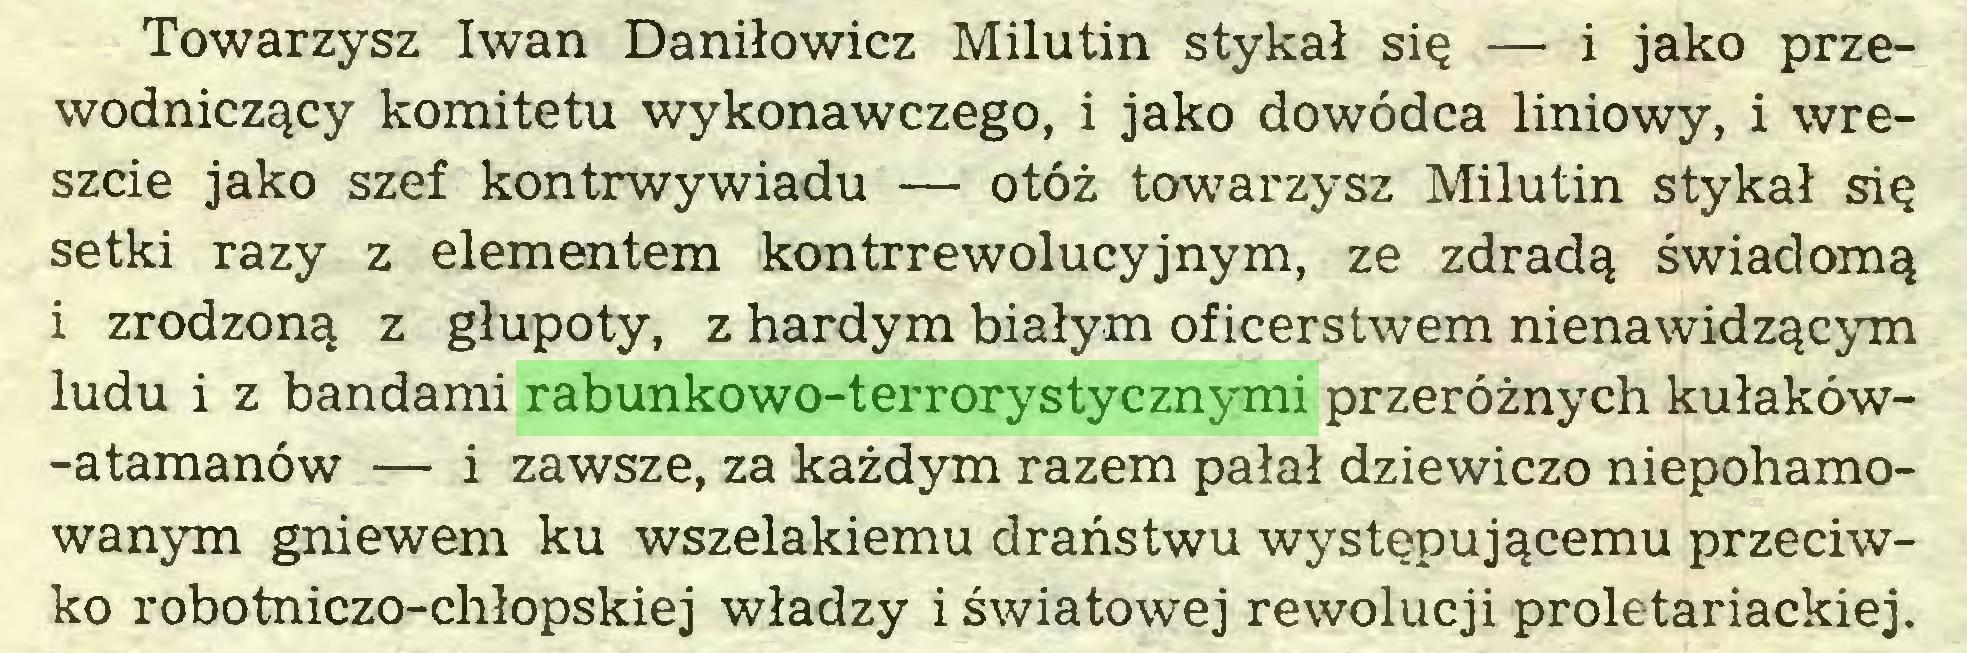 (...) Towarzysz Iwan Daniłowicz Milutin stykał się — i jako przewodniczący komitetu wykonawczego, i jako dowódca liniowy, i wreszcie jako szef kontrwywiadu — otóż towarzysz Milutin stykał się setki razy z elementem kontrrewolucyjnym, ze zdradą świadomą i zrodzoną z głupoty, z hardym białym oficerstwem nienawidzącym ludu i z bandami rabunkowo-terrorystycznymi przeróżnych kułaków-atamanów — i zawsze, za każdym razem pałał dziewiczo niepohamowanym gniewem ku wszelakiemu draństwu występującemu przeciwko robotniczo-chłopskiej władzy i światowej rewolucji proletariackiej...